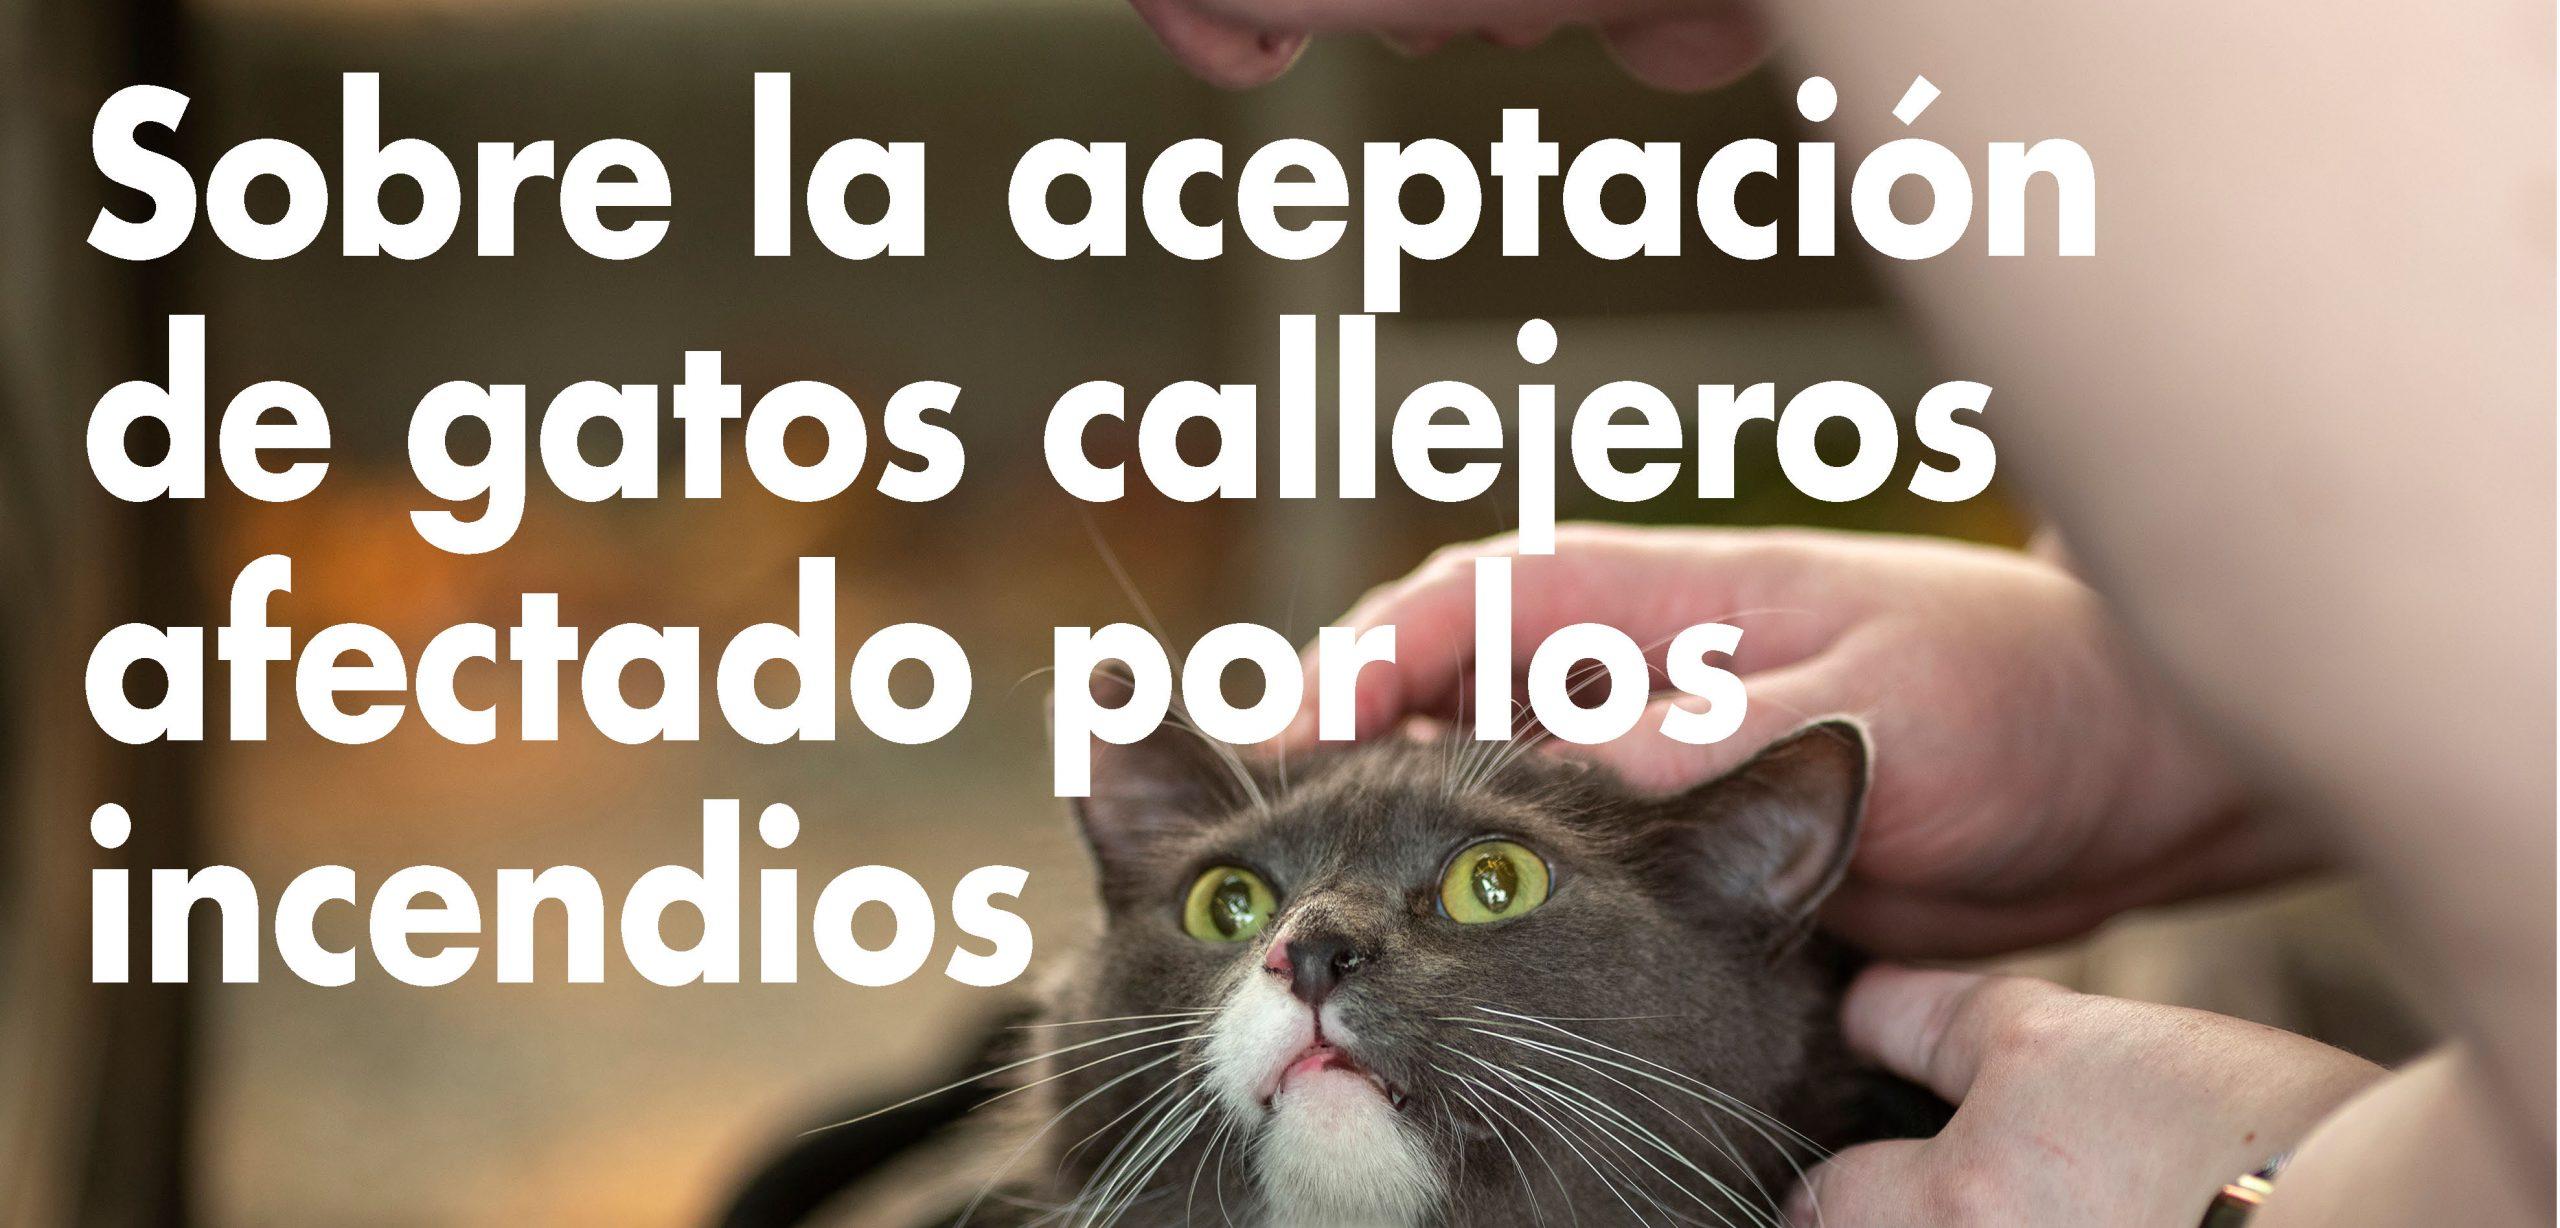 Sobre la aceptación de gatos callejeros afectado por los incendios